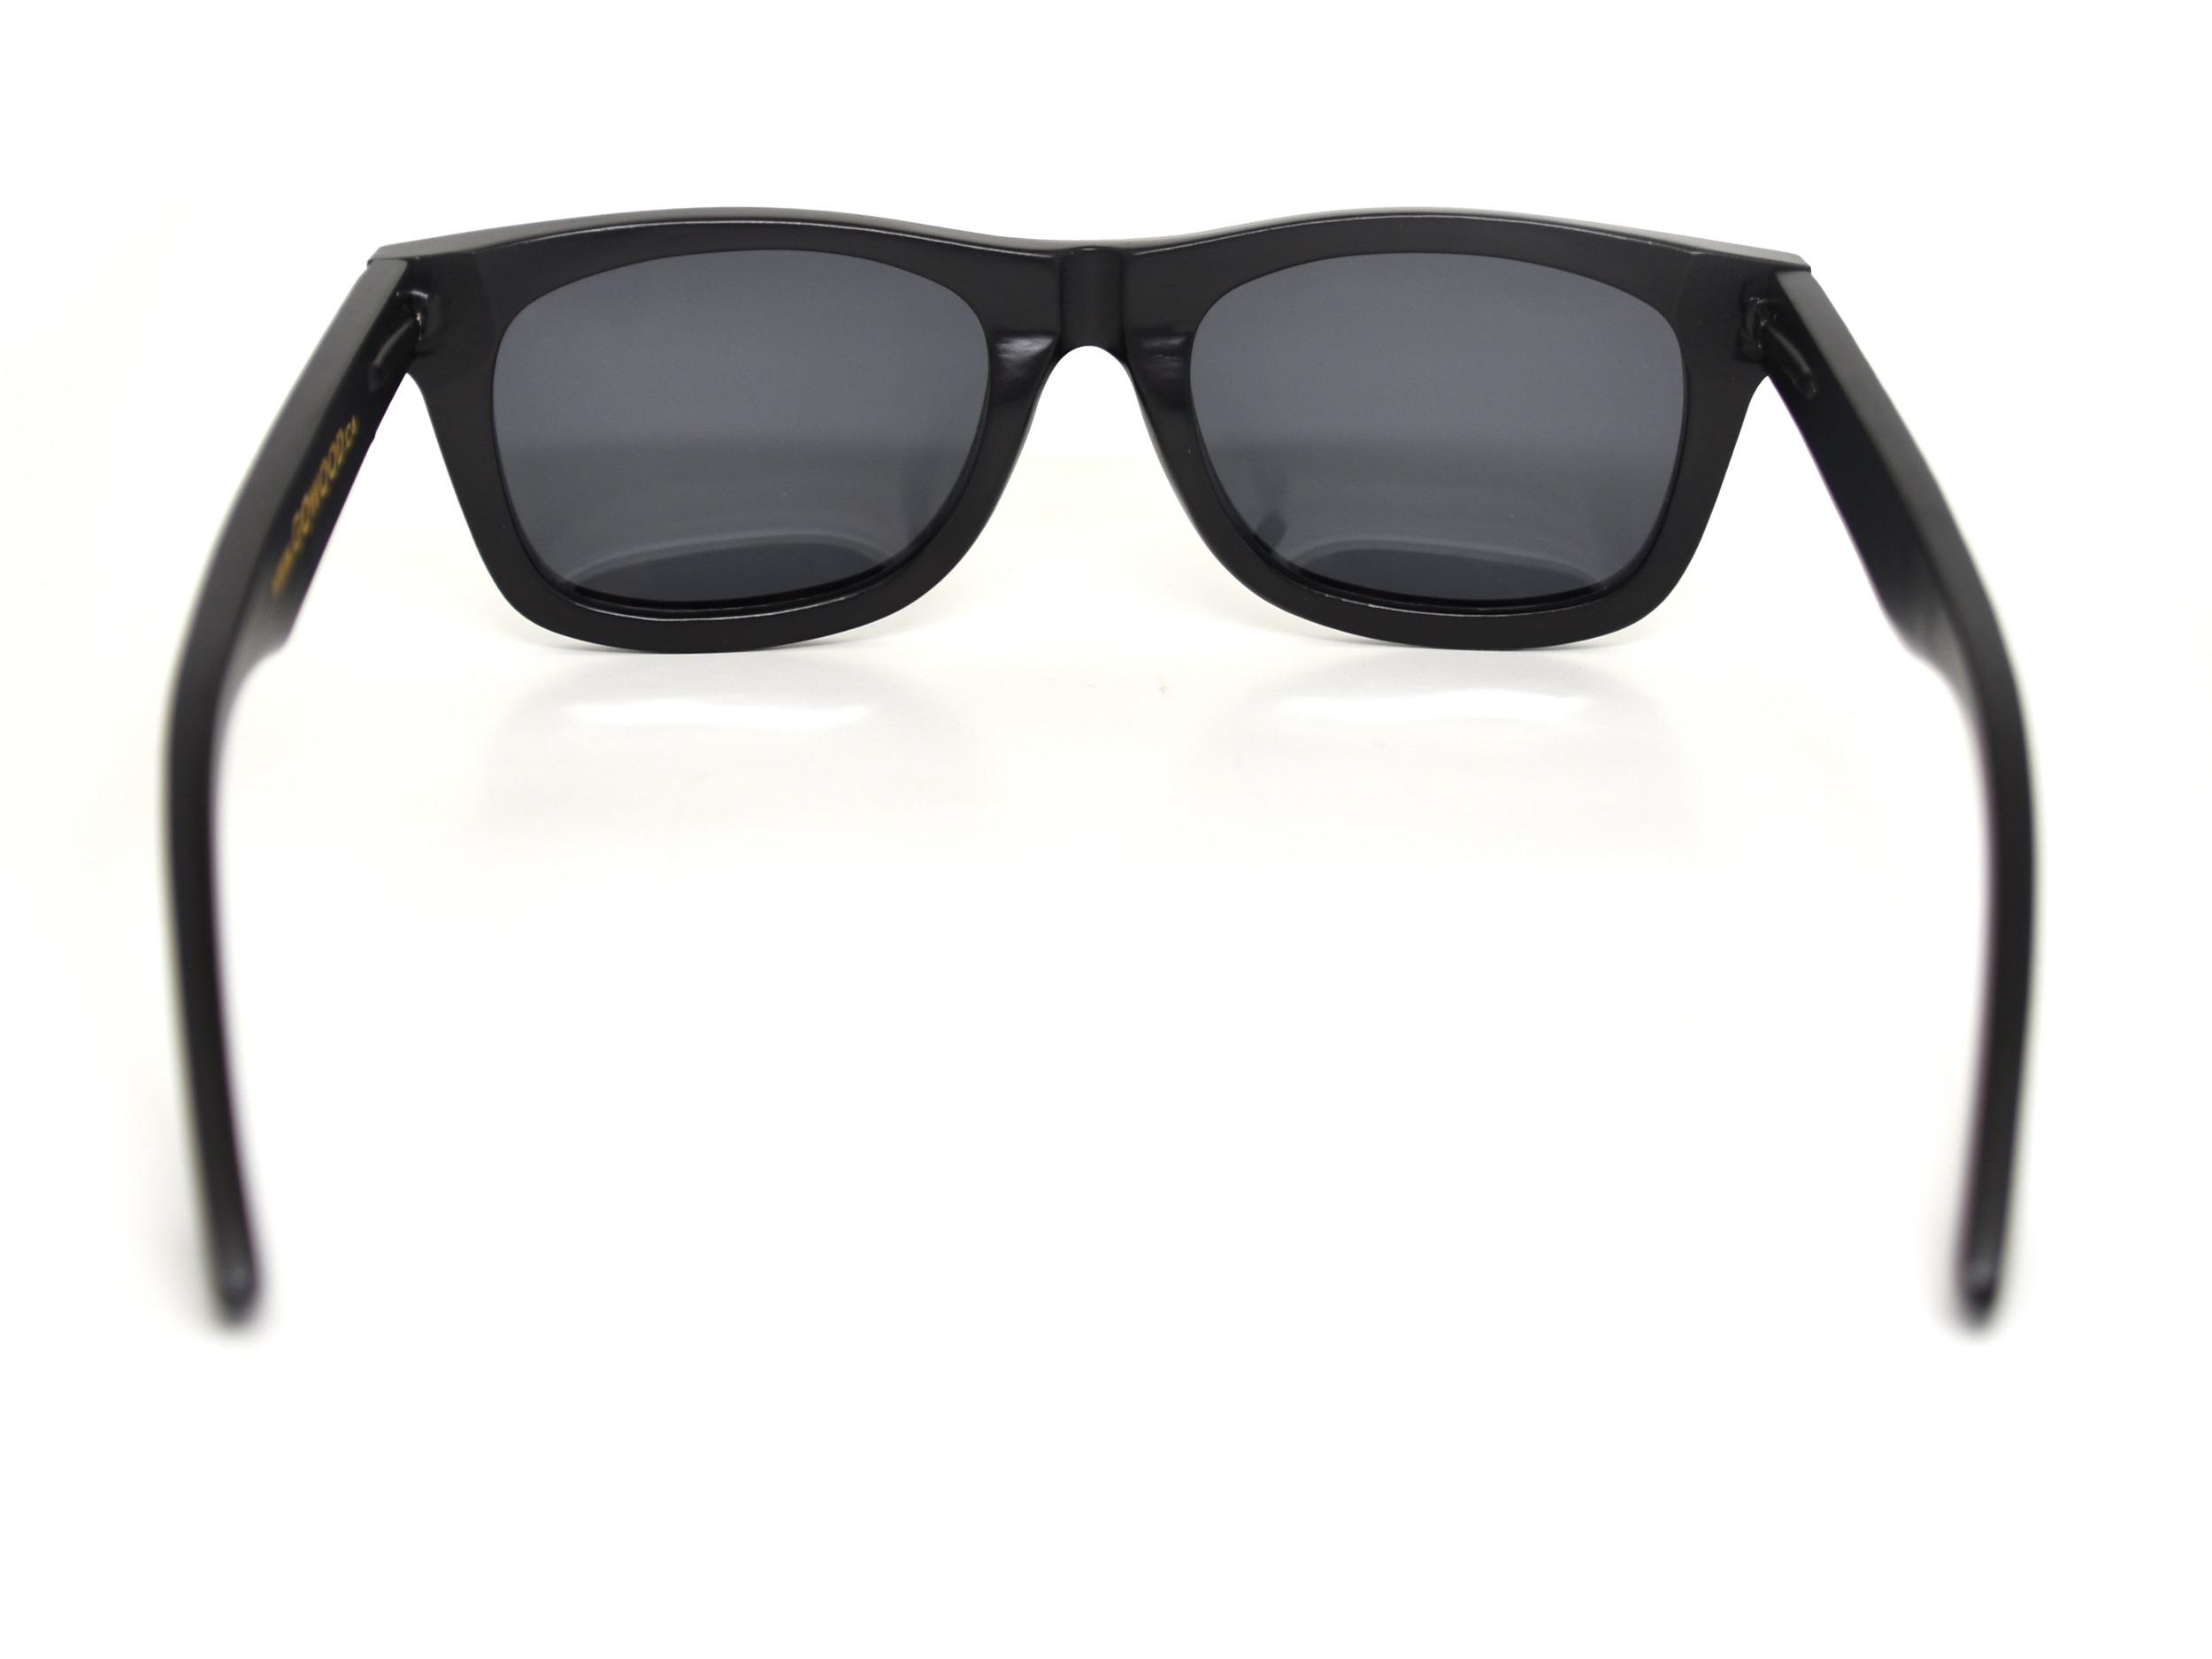 wayfarer style sunglasses black rear